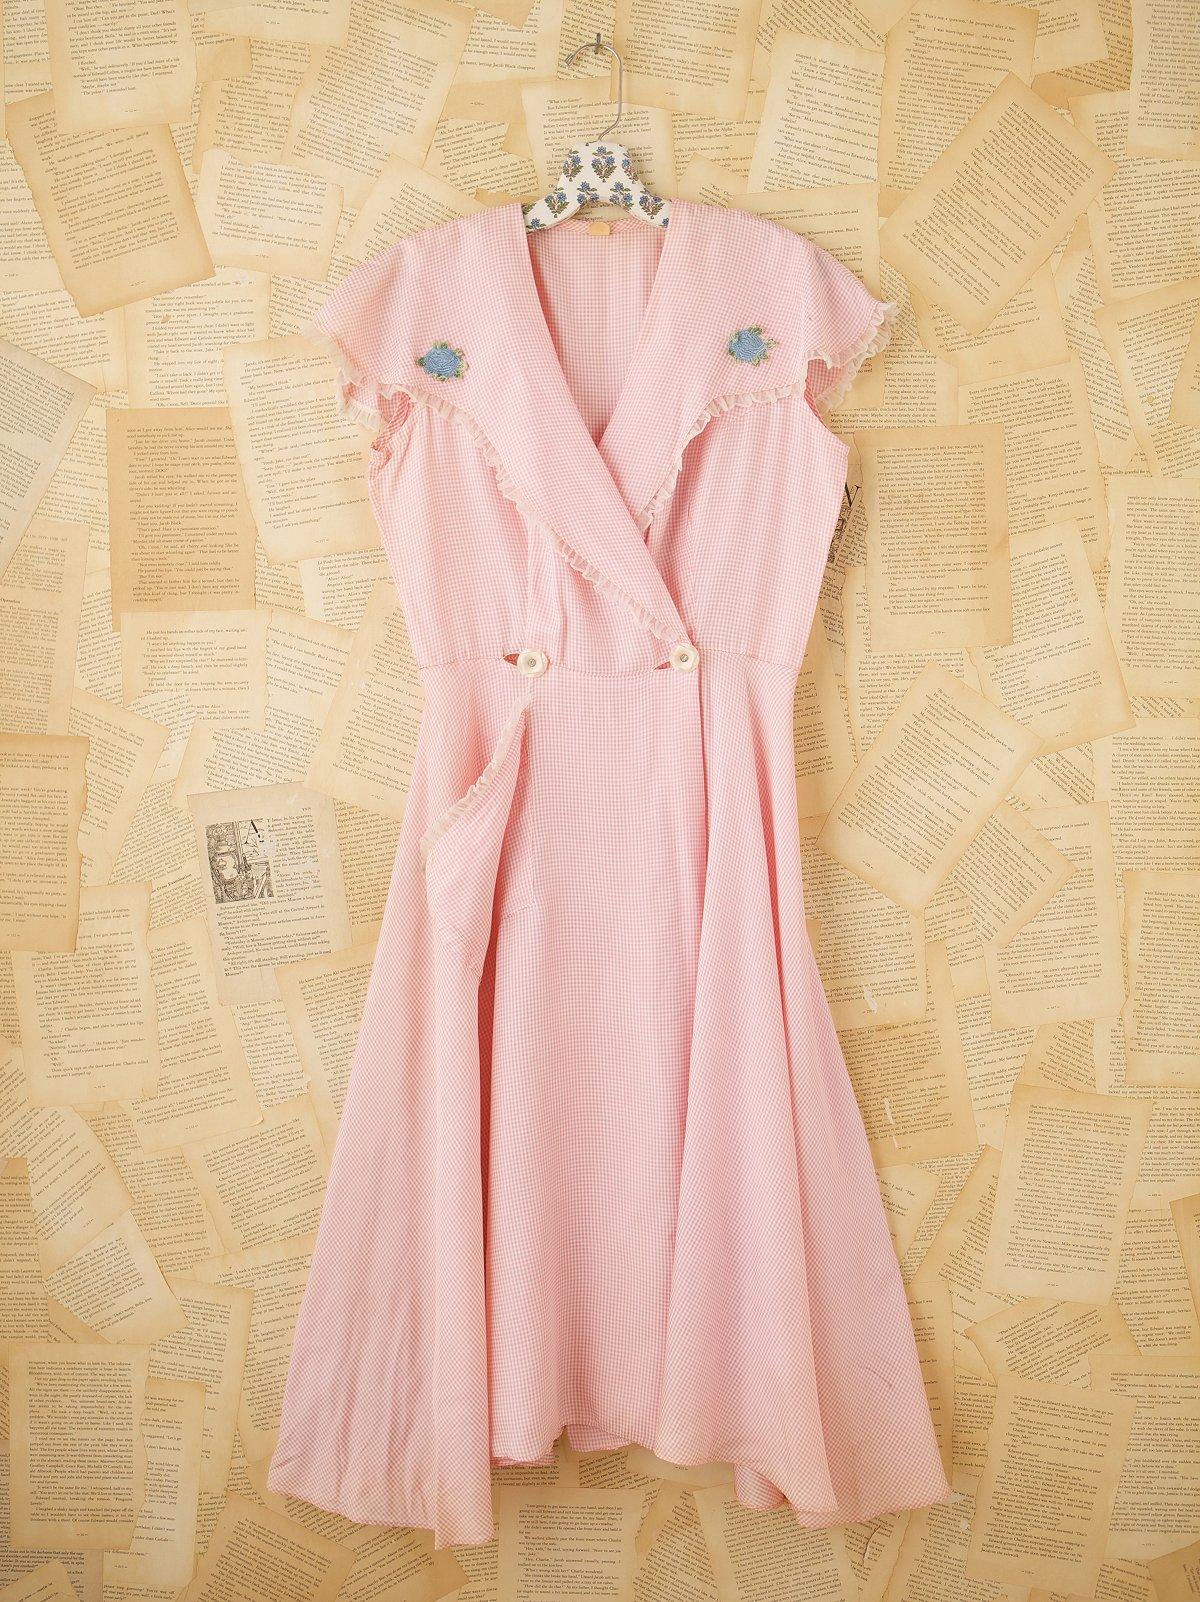 Vintage Gingham Kitchen Dress